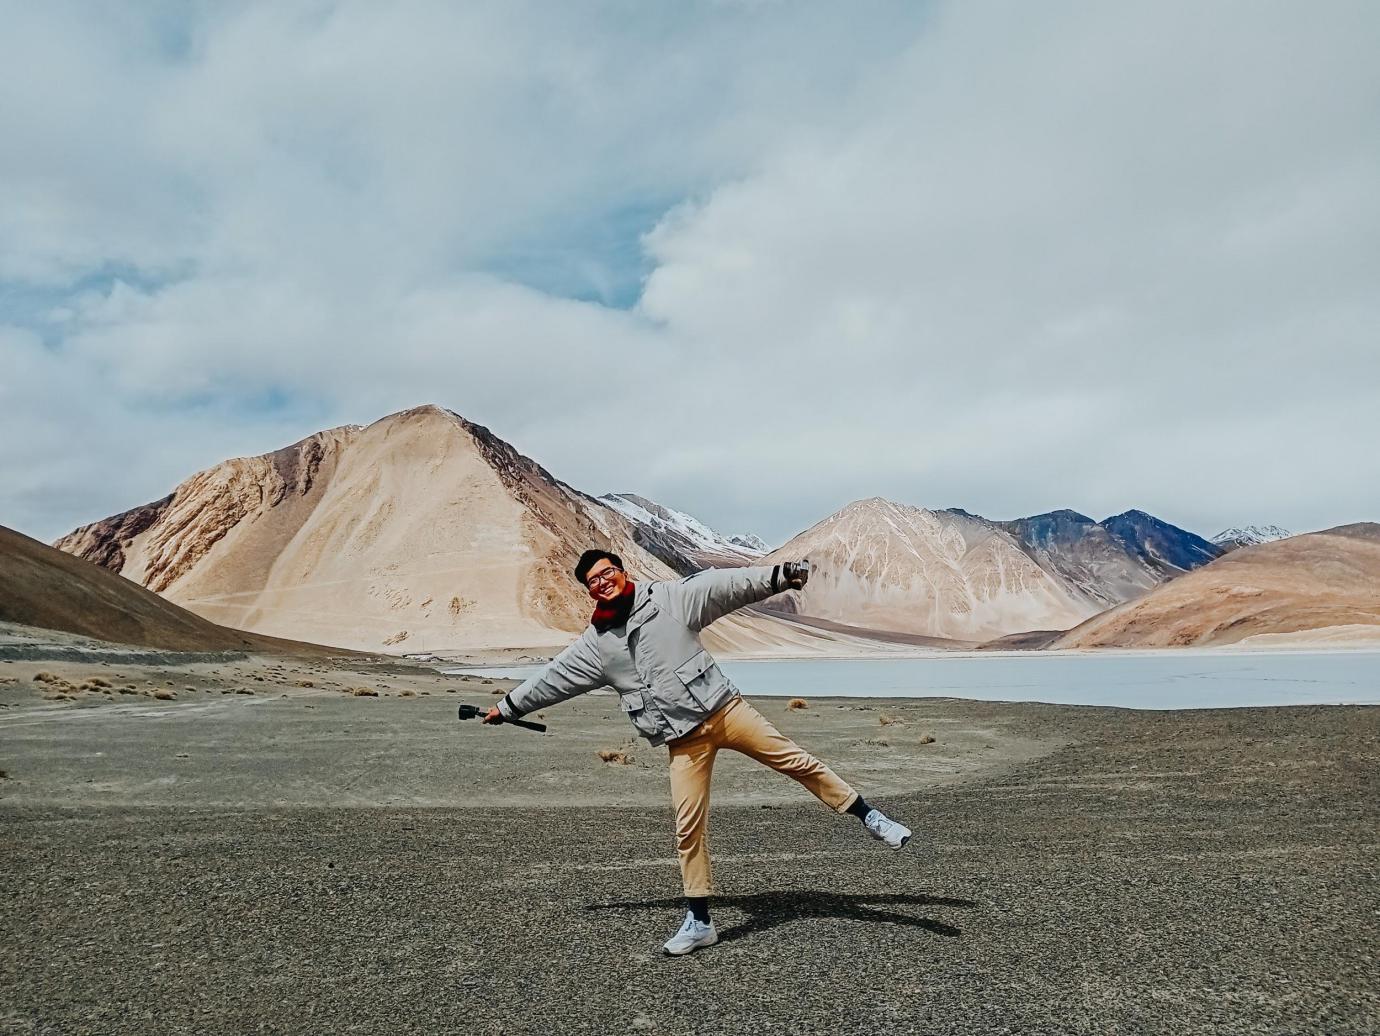 Những trải nghiệm không dành cho những người thích an nhàn tại Ladakh - Tiểu Tây Tạng của Ấn Độ - Ảnh 6.